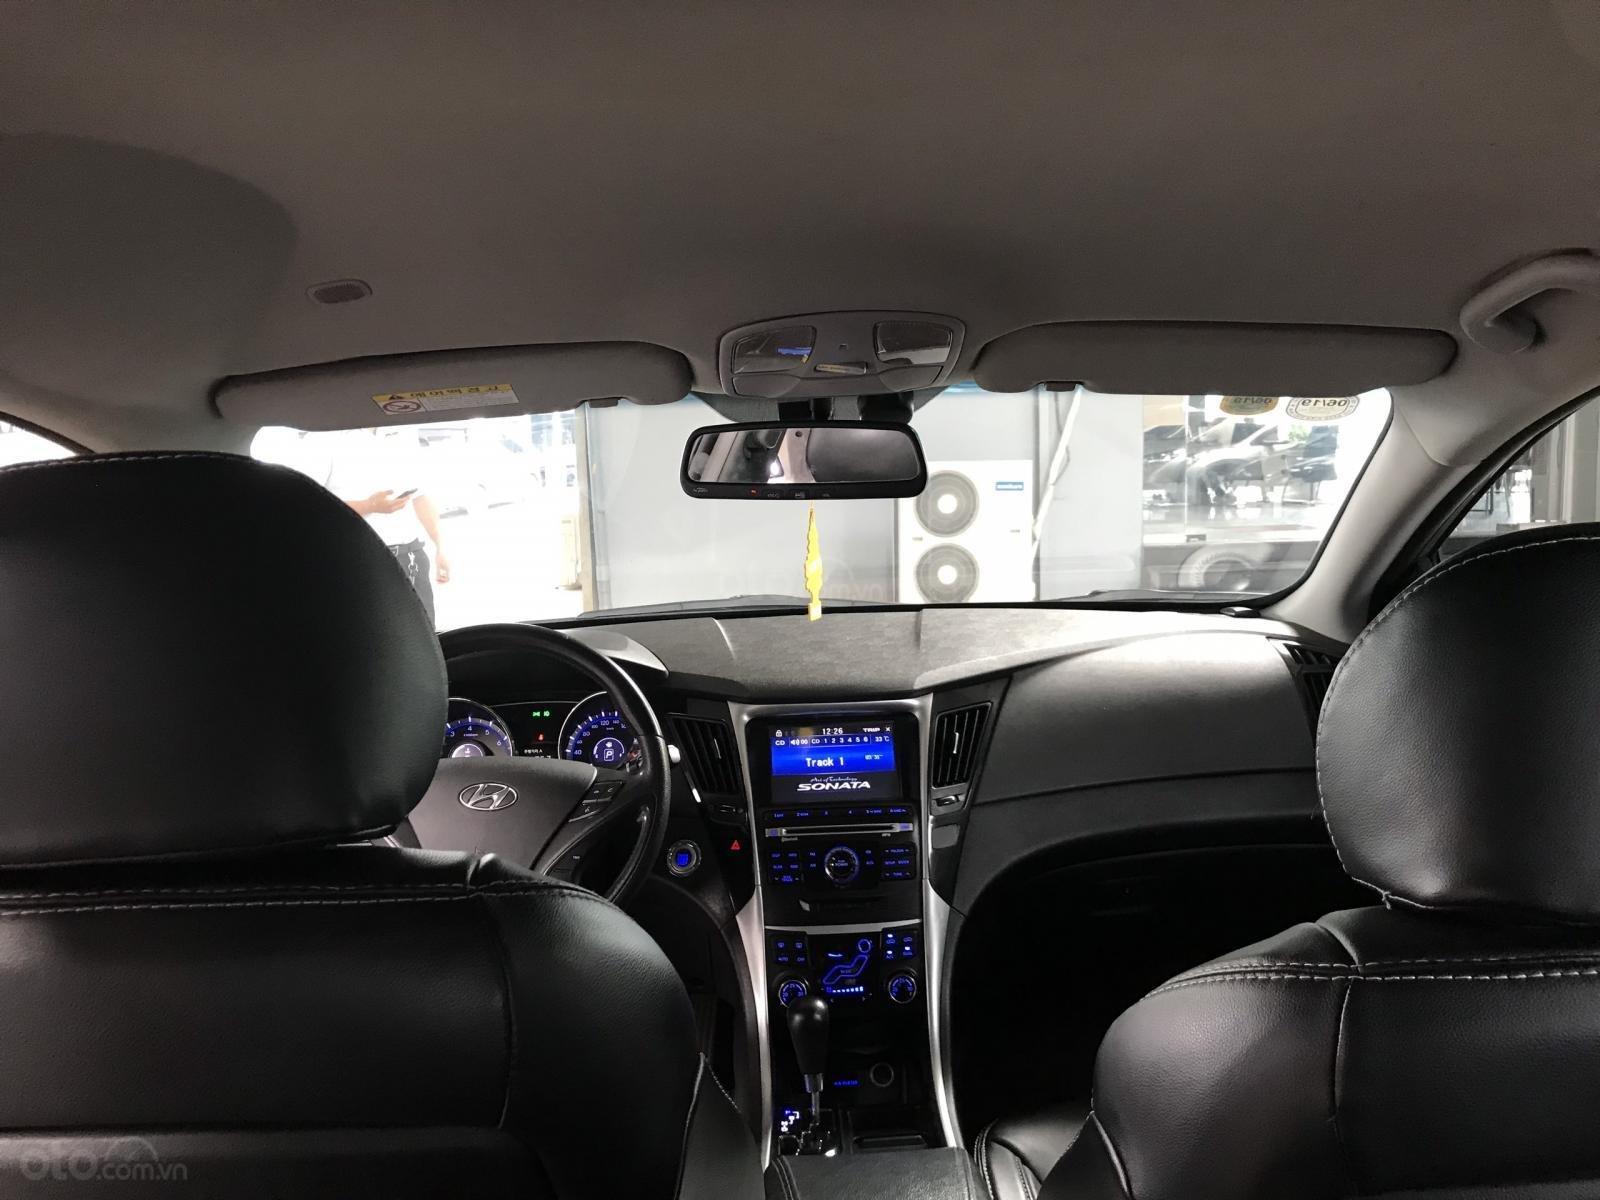 Bán Hyundai Sonata 2.0AT màu bạc, số tự động, nhập Hàn Quốc, biển Bình Dương, đi 88000km (7)